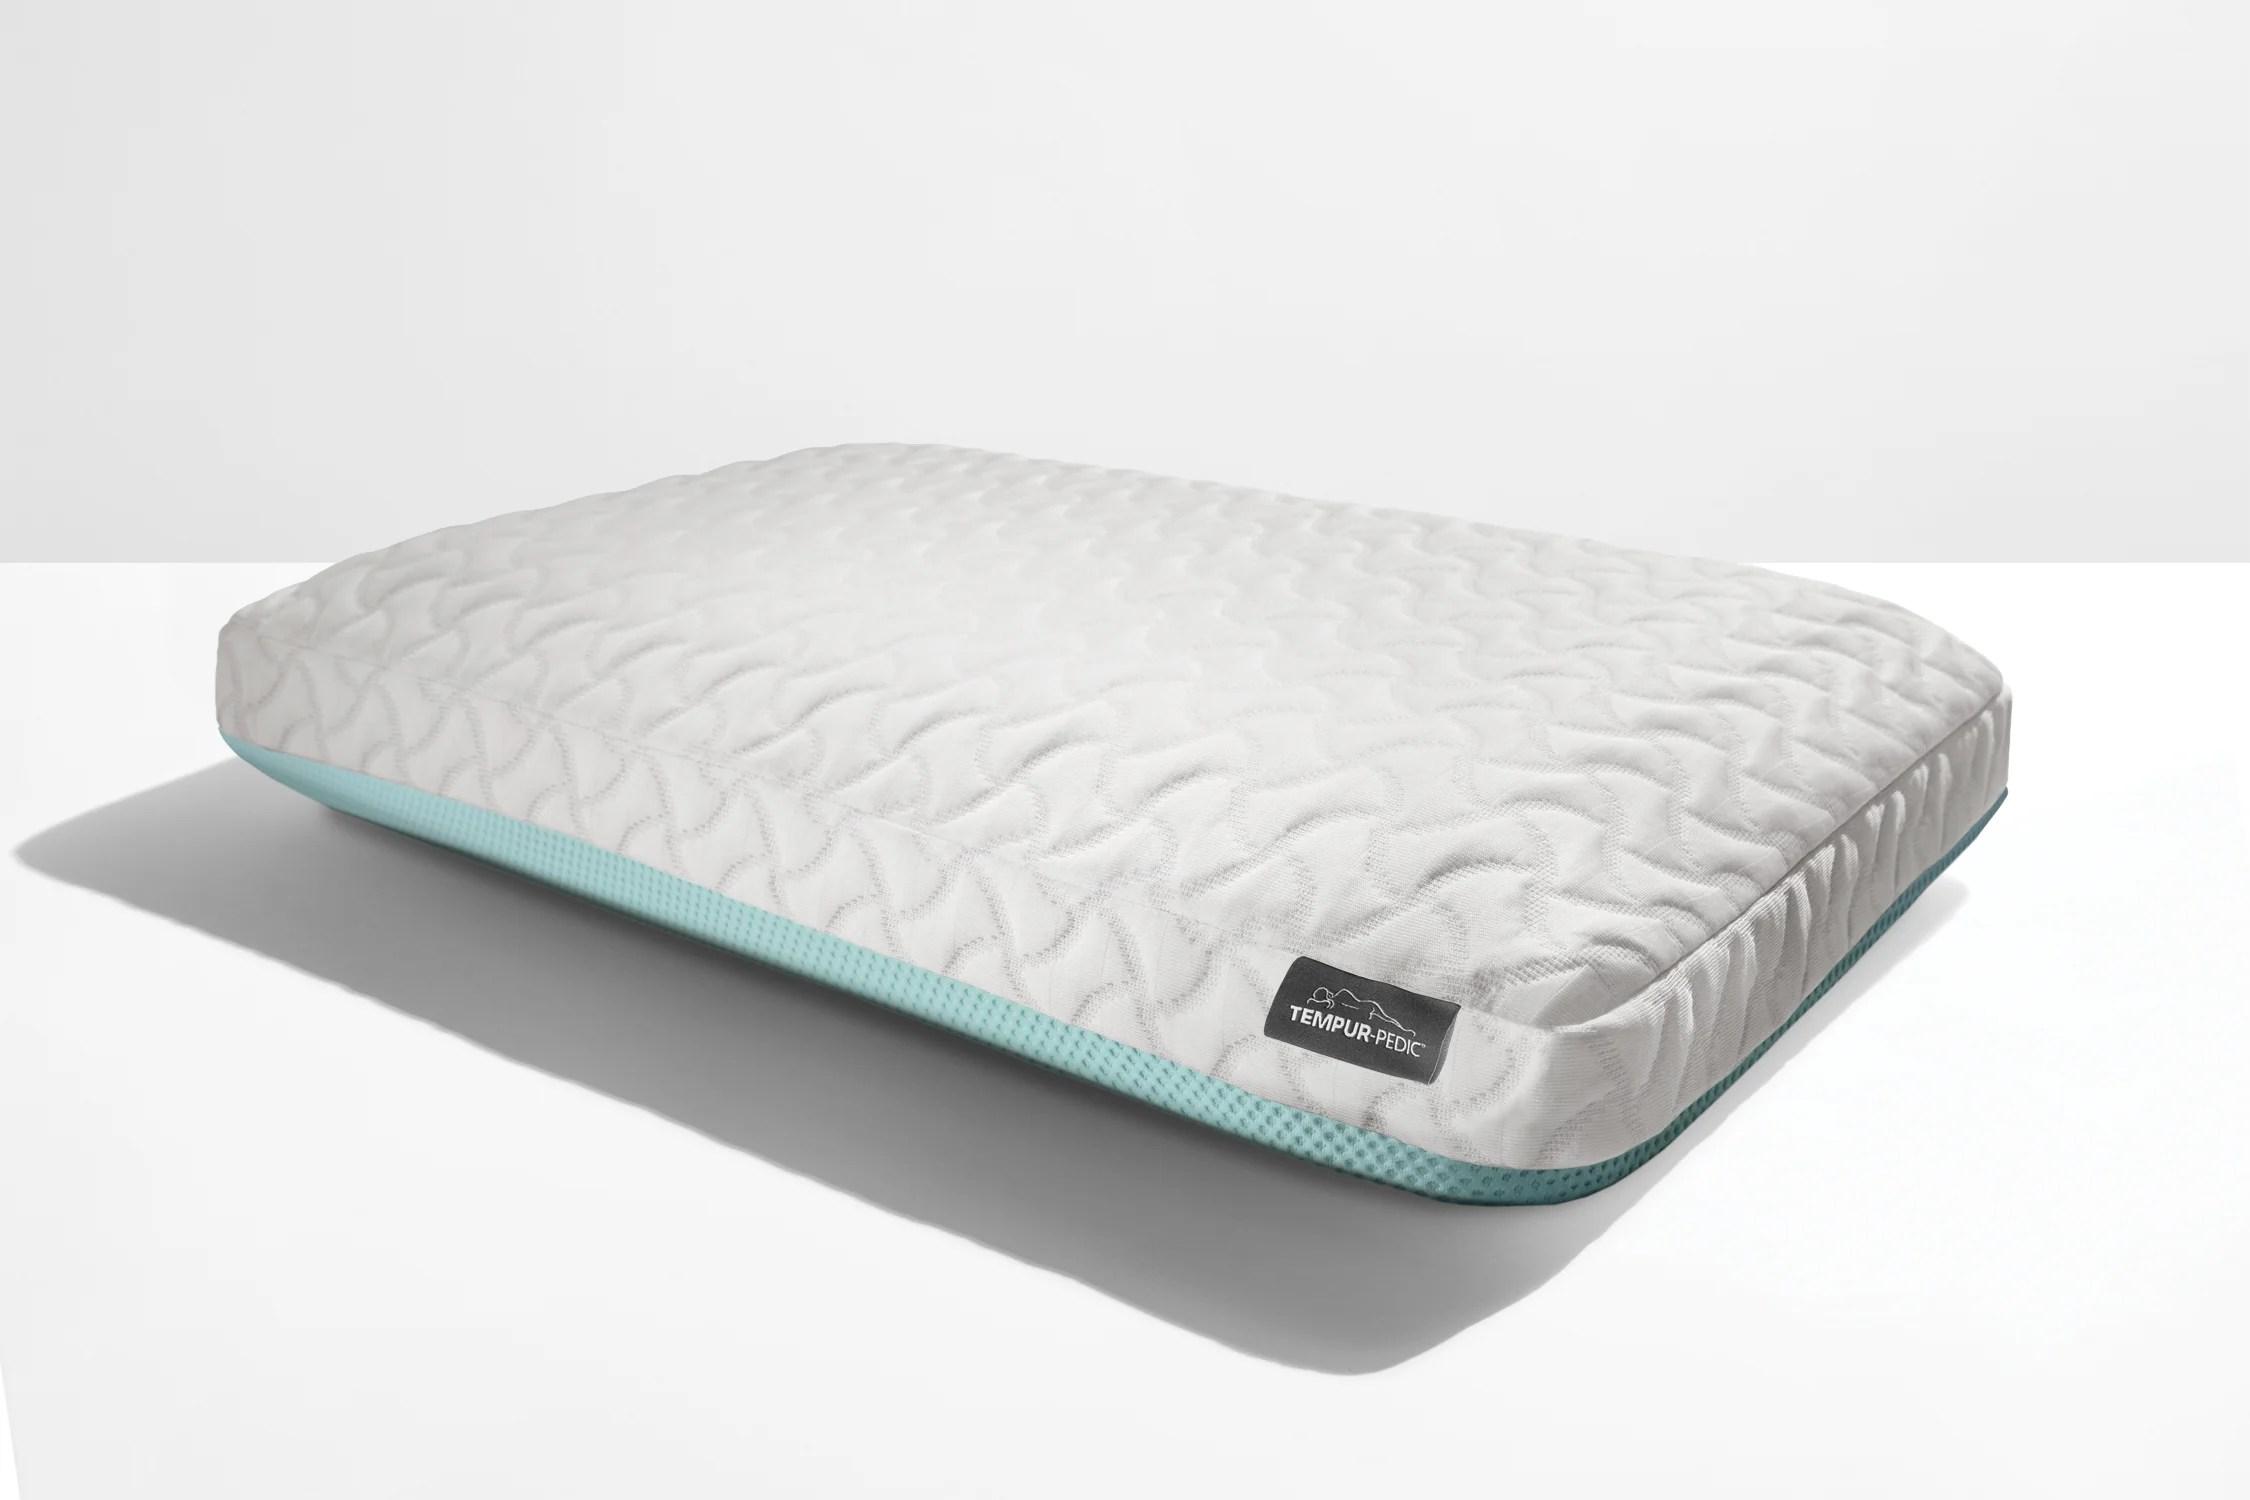 r mattress